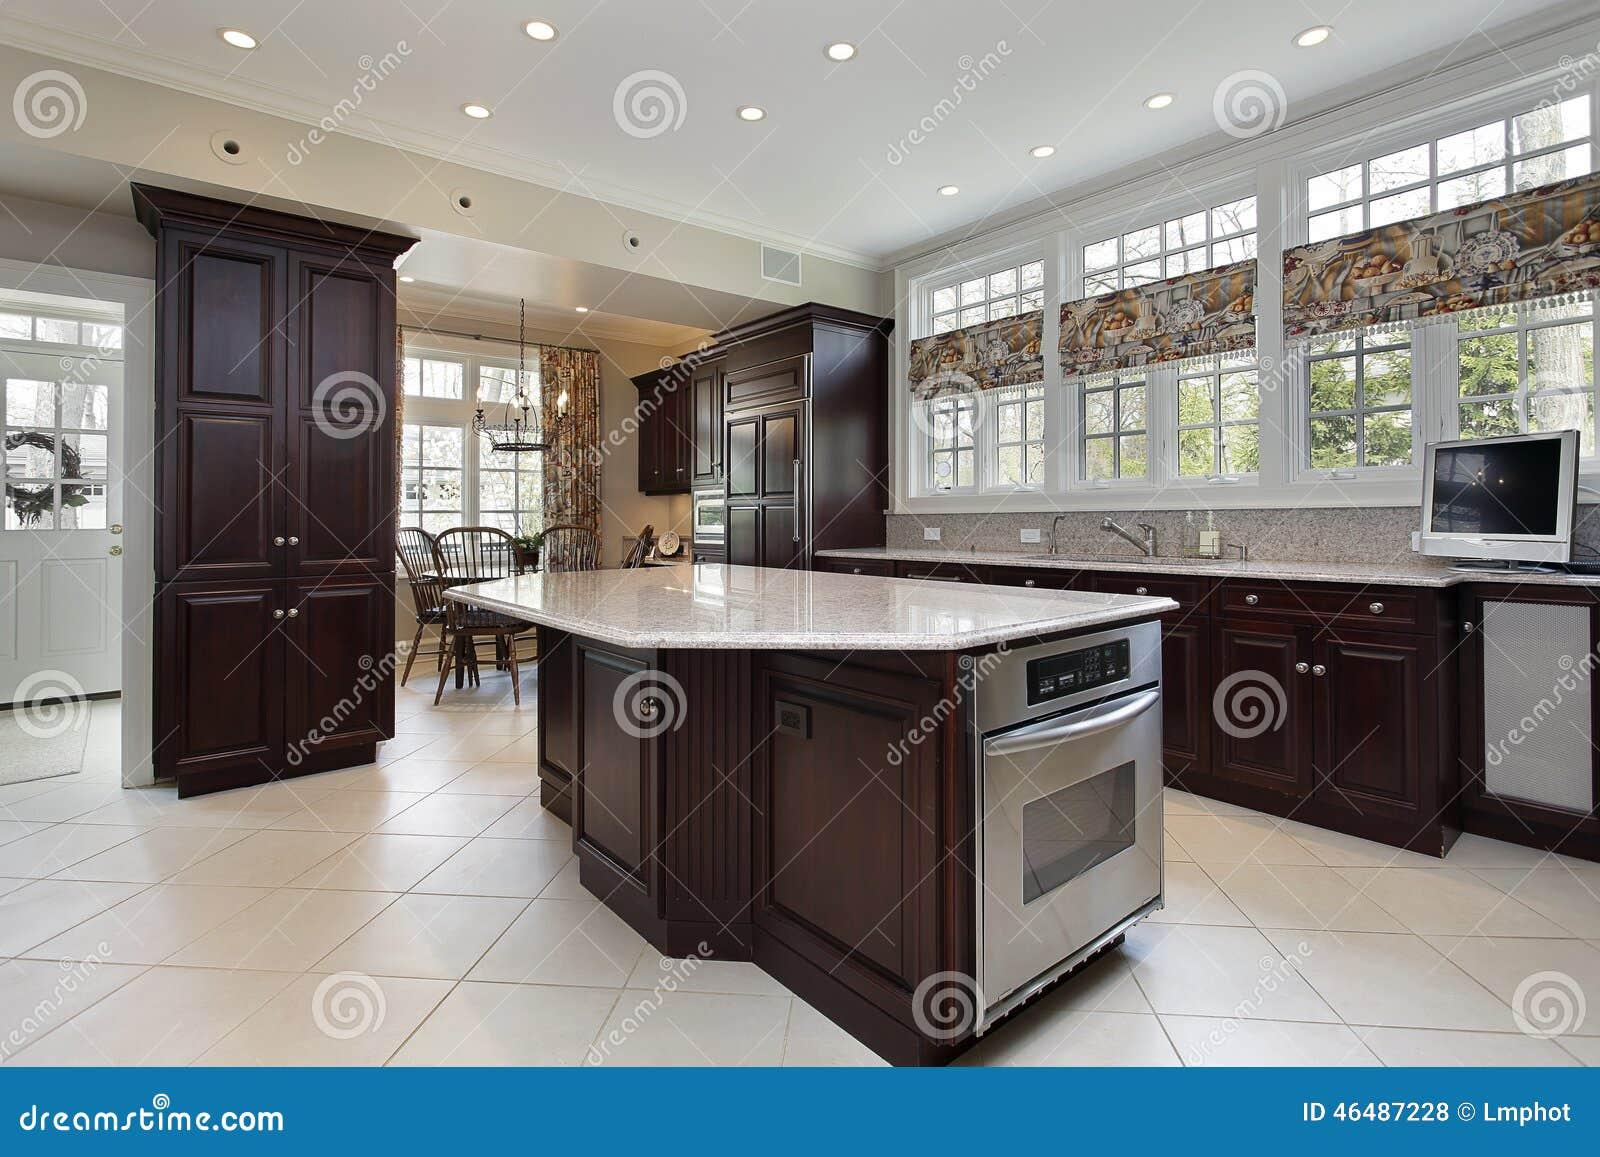 Cozinha Na Casa Luxuosa Com Ilha Center Foto De Stock Imagem De